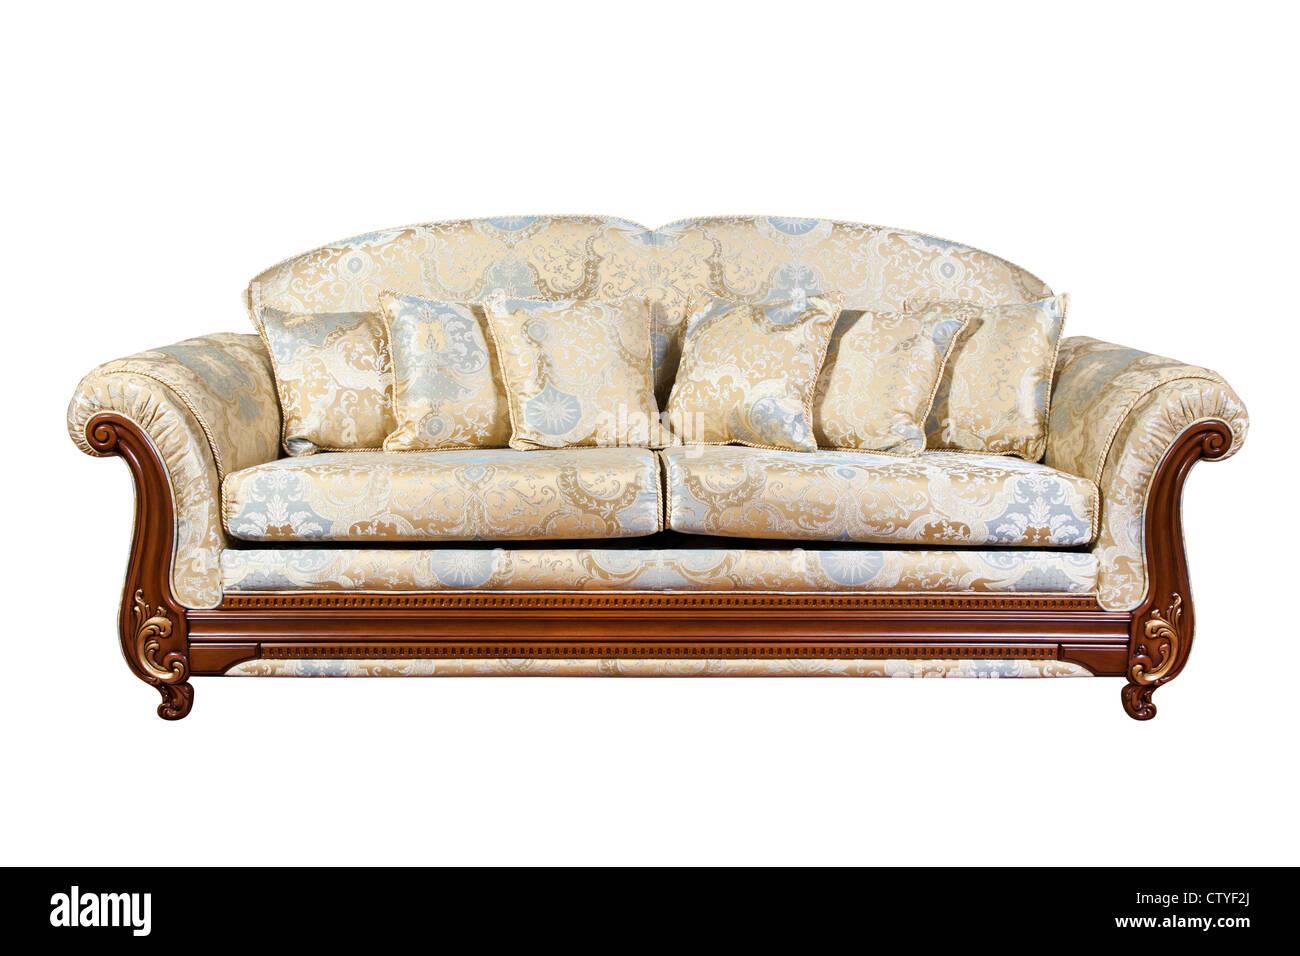 Sofá con almohadas aislado en blanco Imagen De Stock